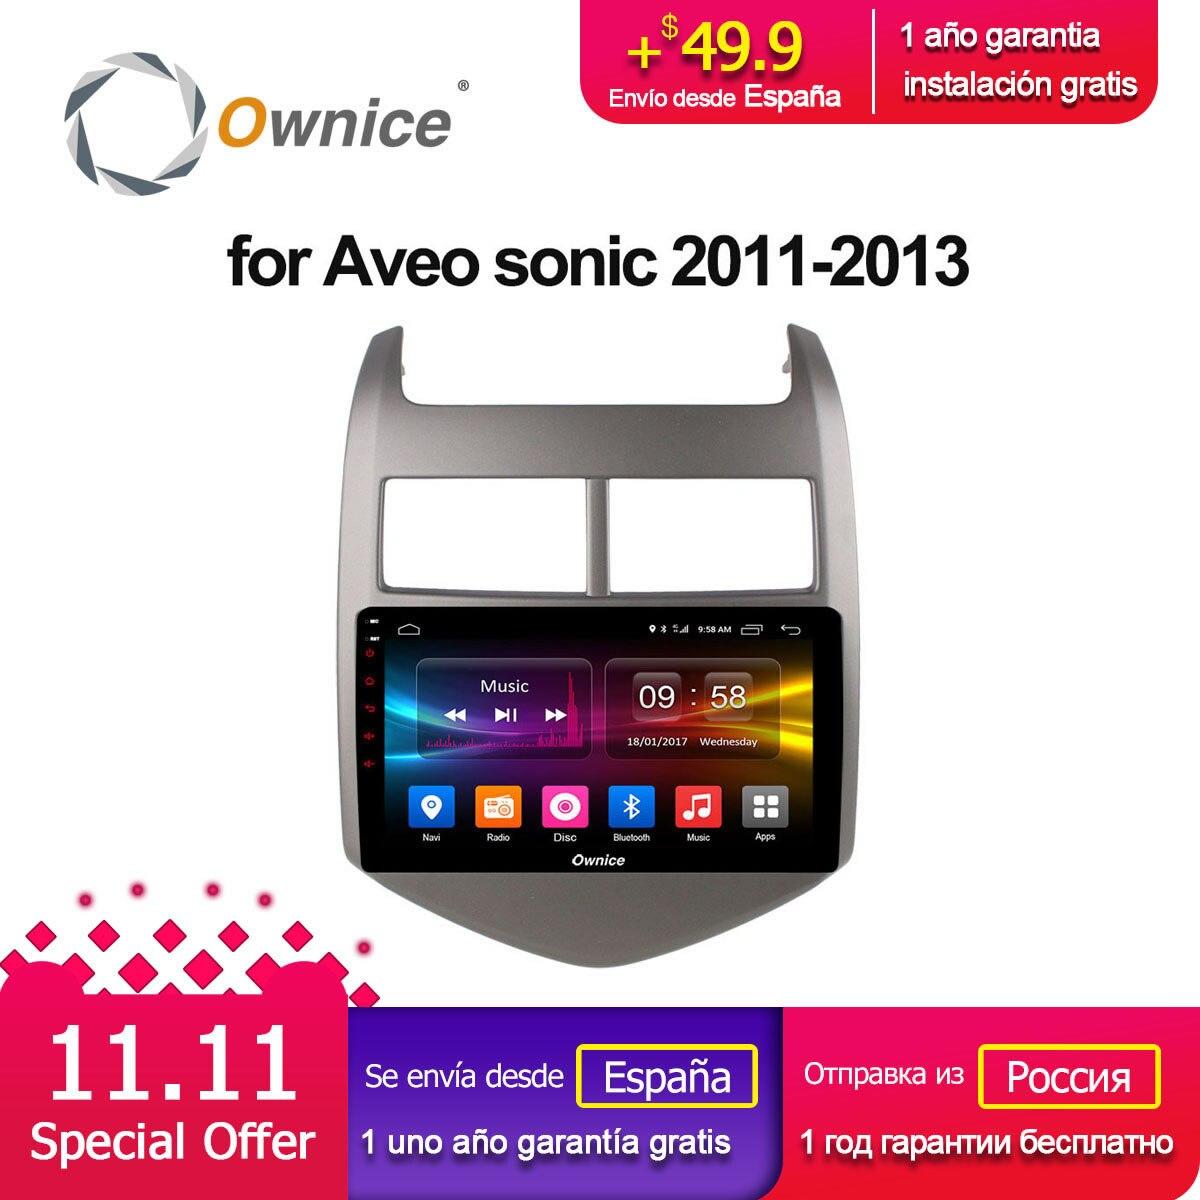 Ownice C500 + G10 Android 8.1 VOITURE Audio lecteur DVD POUR Cheverolet aveo SONIC 2011-2013 gps Multimédia tête dispositif unité récepteur